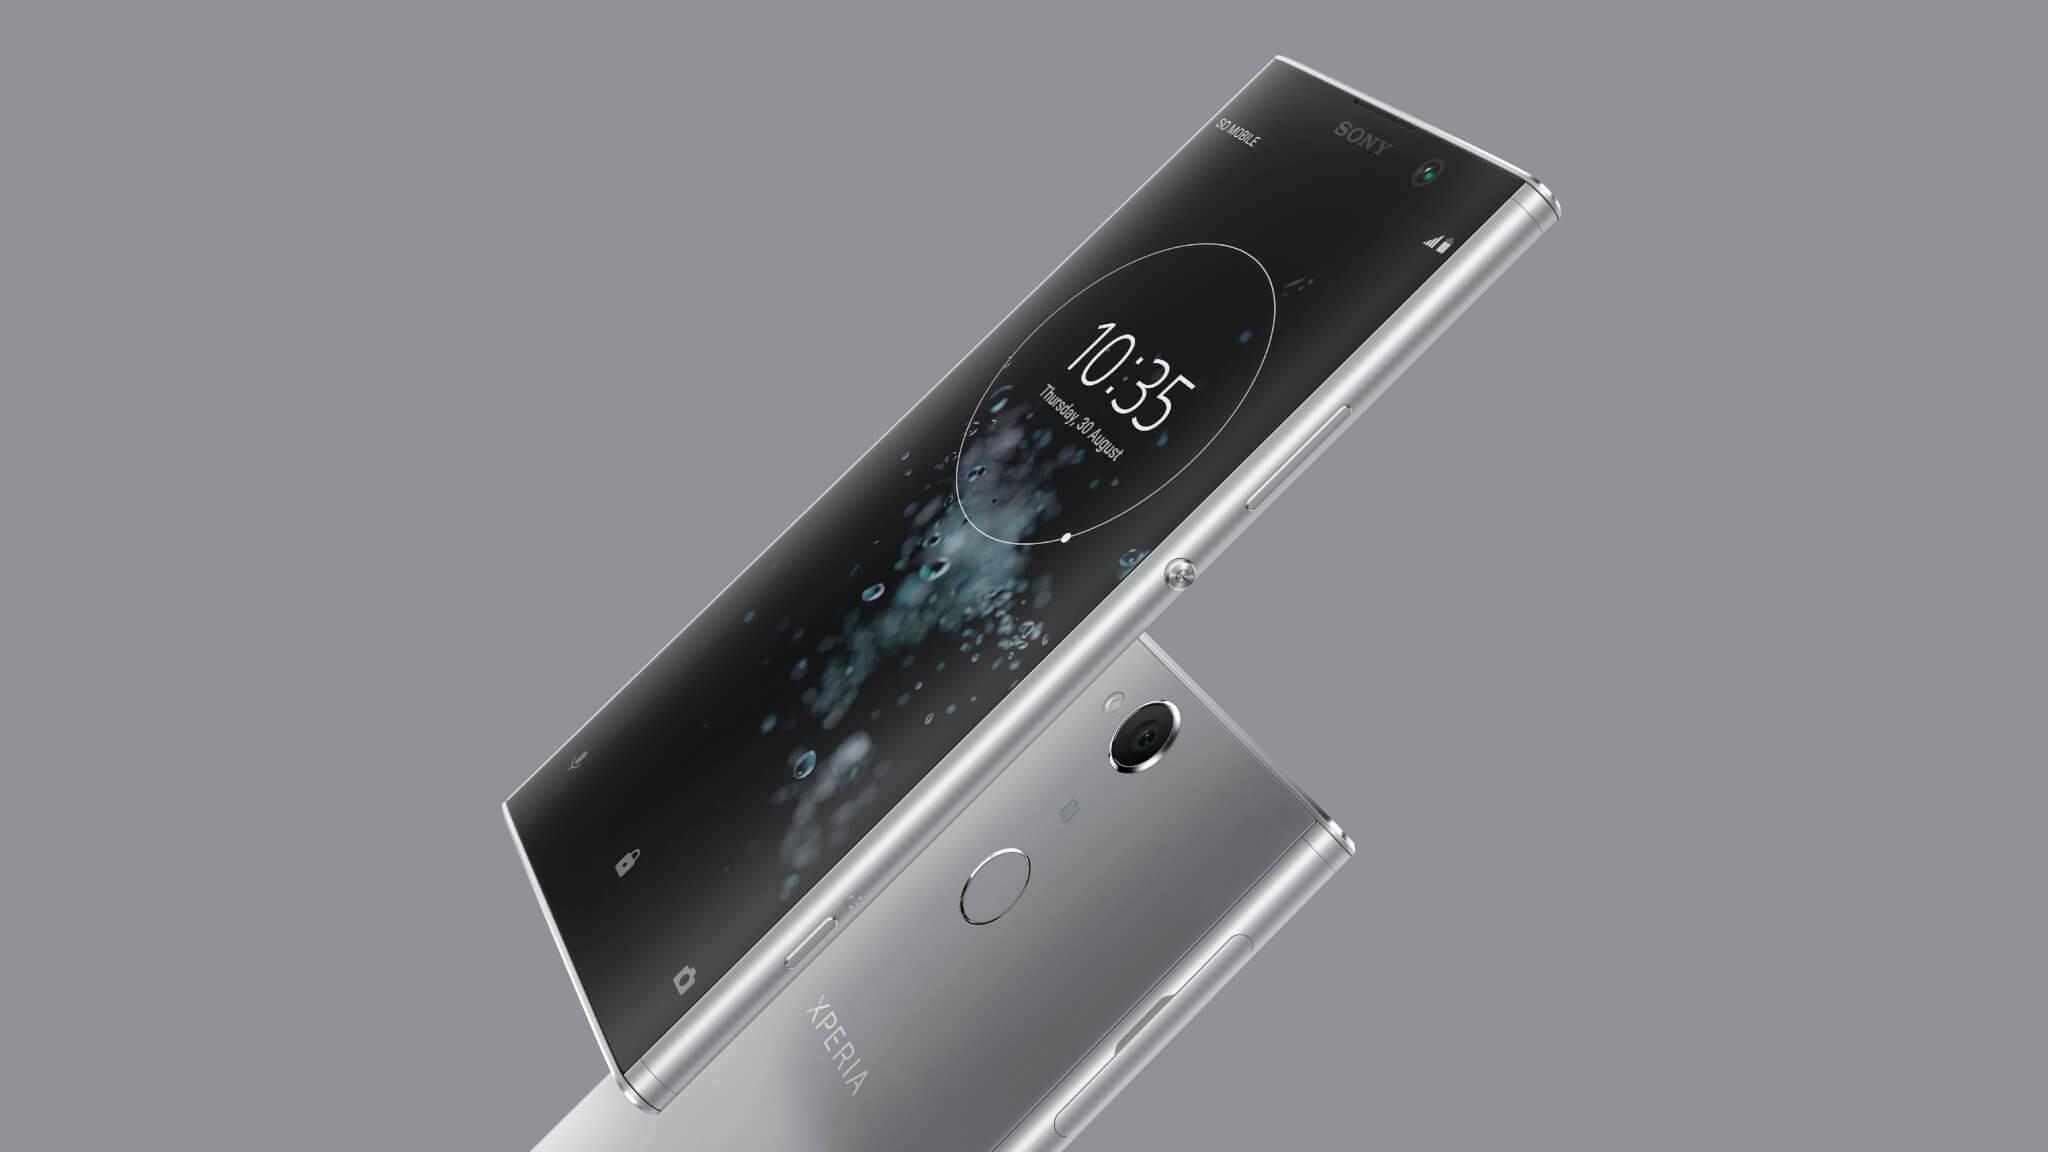 41527984600 42dbb03d75 o - Sony: Xperia XA2 Plus é anunciado com tela 18:9 e bordas mais finas